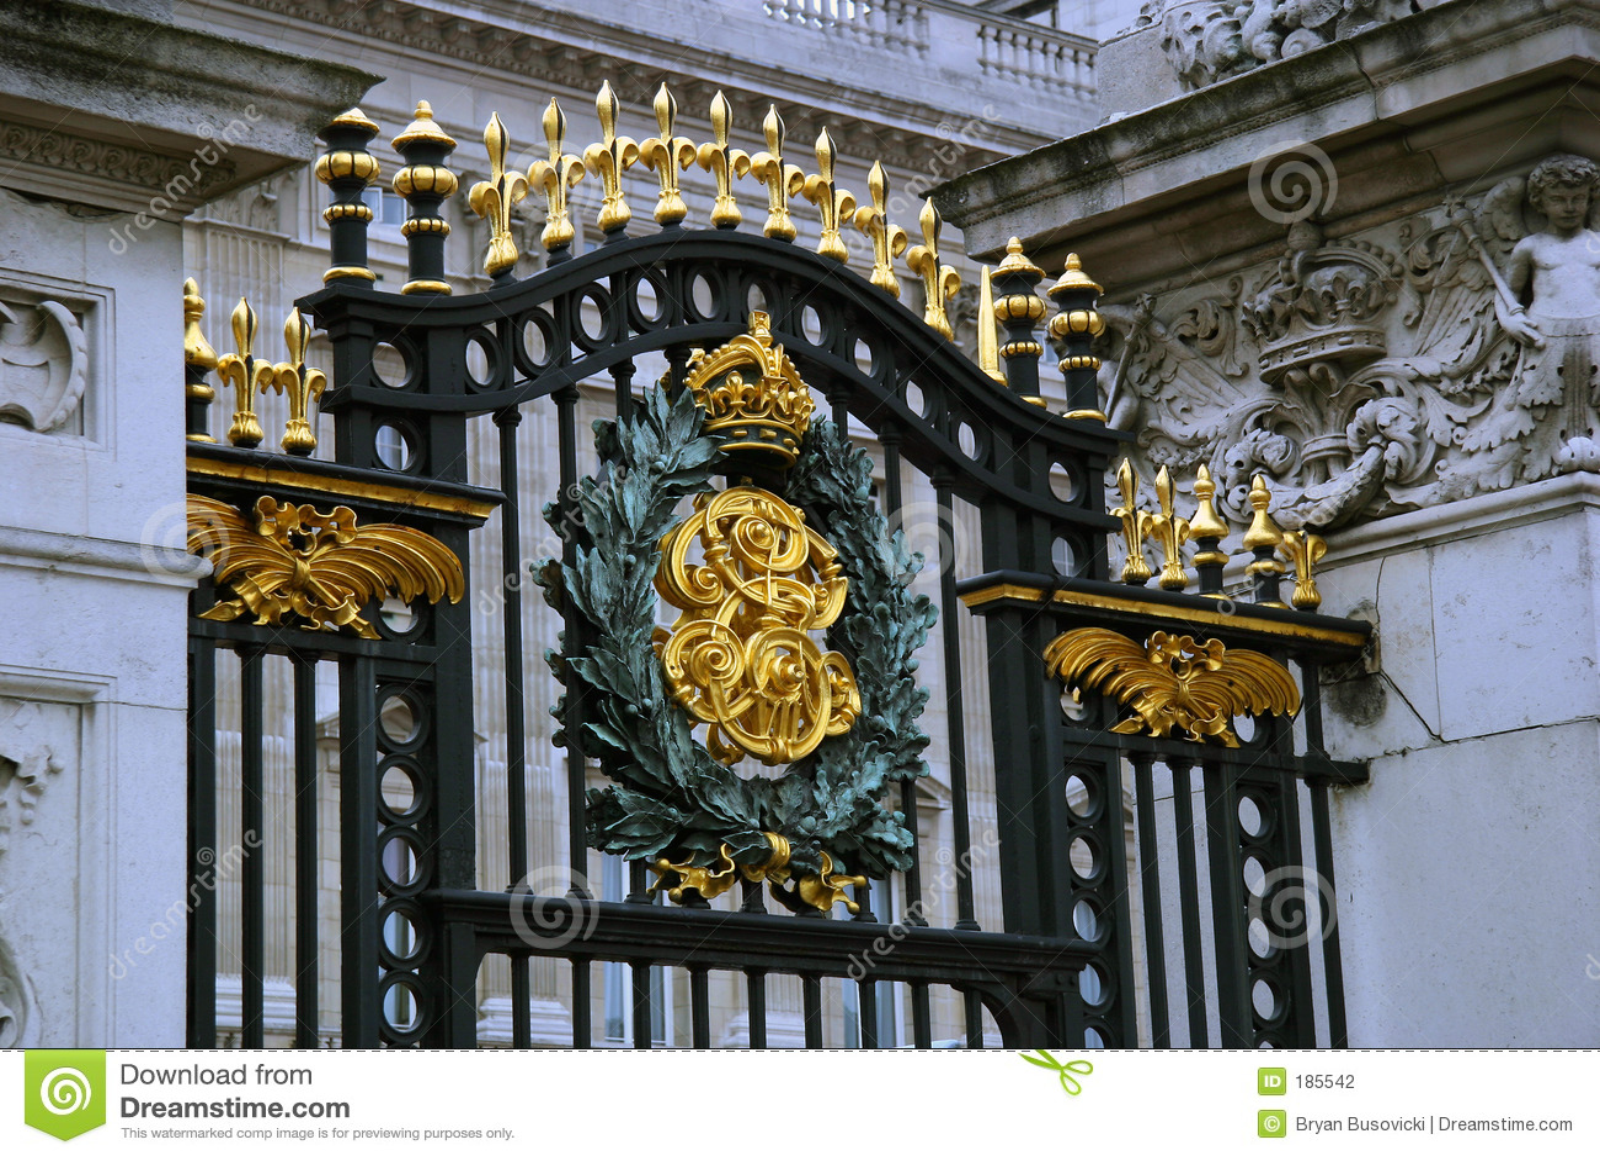 Buckingham palace gate stock photo image of black